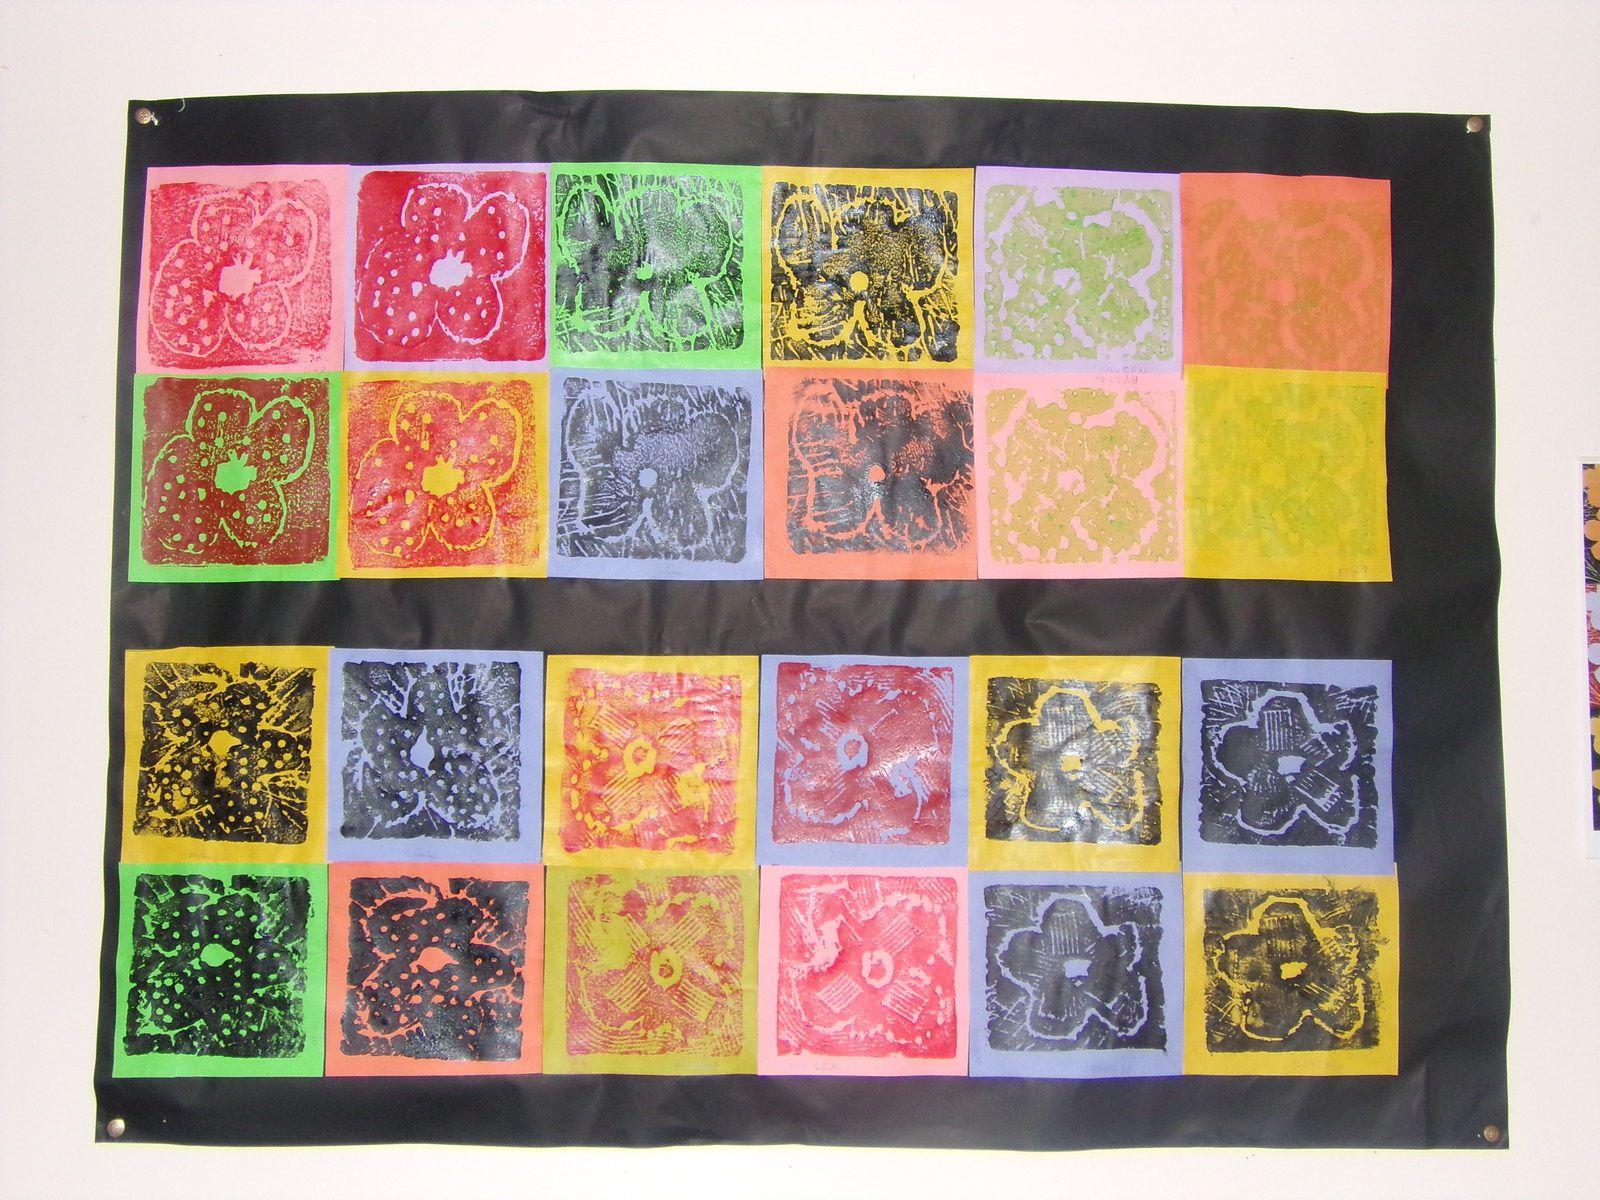 Impression des motifs gravés sur des petits carrés de papier blanc. Au préalable, les enfants ont enduit la plaque de polystyrène avec de la peinture acrylique, ils posent le papier dessus, puis frottent avec le plat de la main pour bien imprimer le motif.